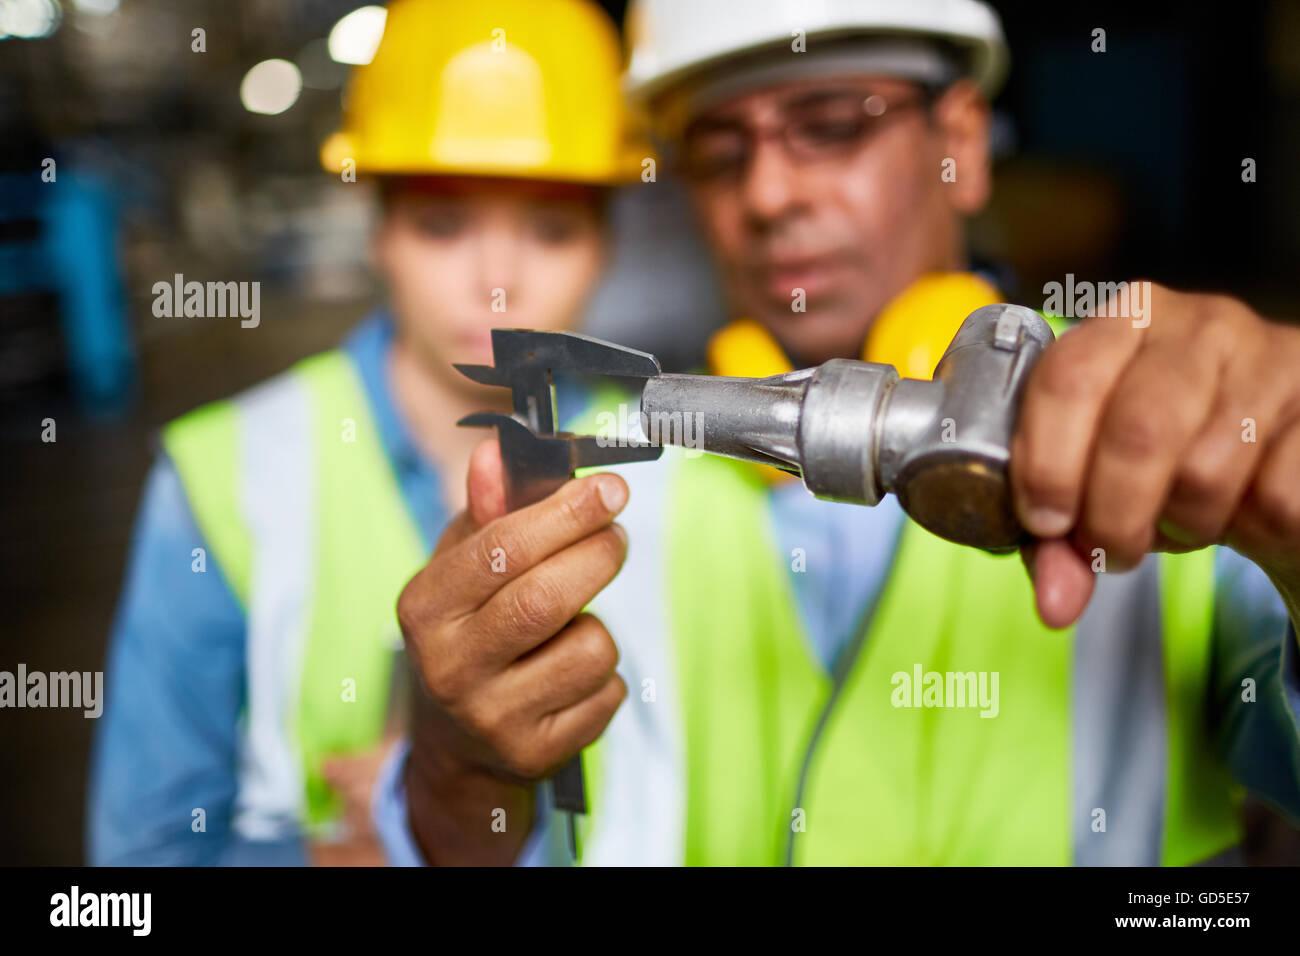 Measuring metallic part - Stock Image